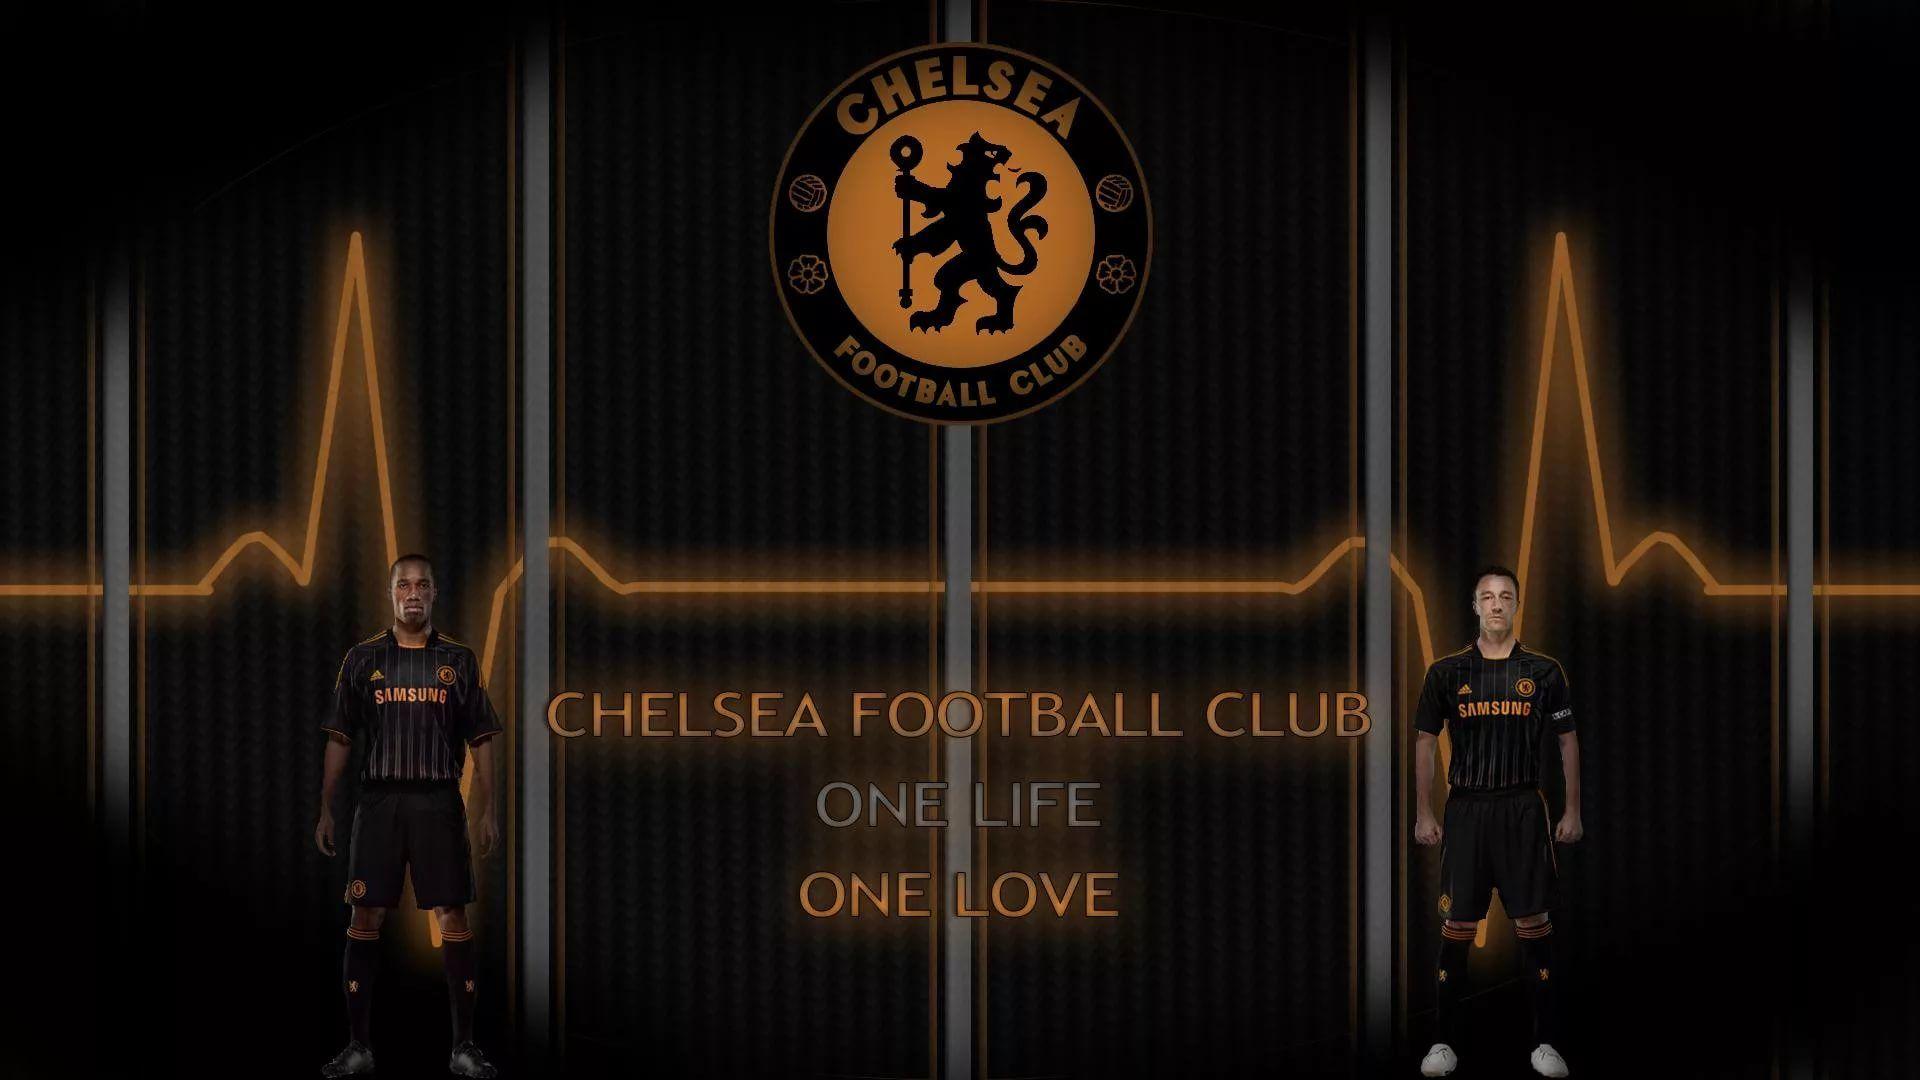 Chelsea new wallpaper